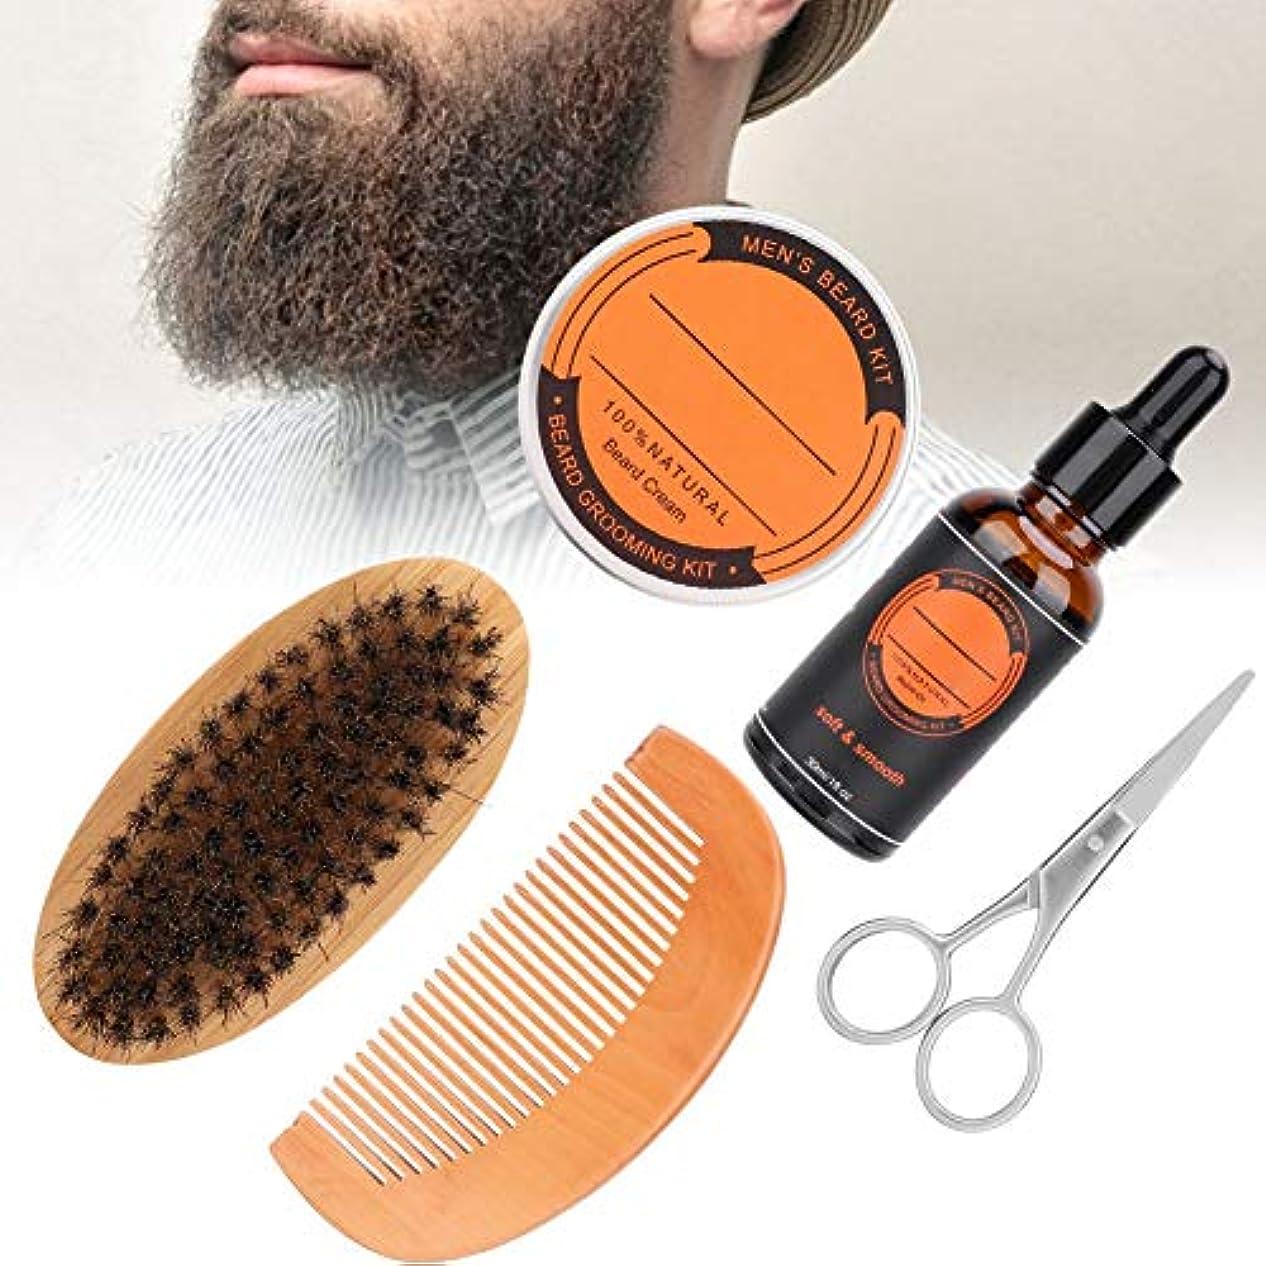 聖なるシェルター科学的6本のひげの心配のセット、ひげの手入れをするキット、人のひげの心配のキット、人のひげの心配のキットとの最終的なひげの心配のキット香油+髭オイル+櫛+ブラシ+はさみ